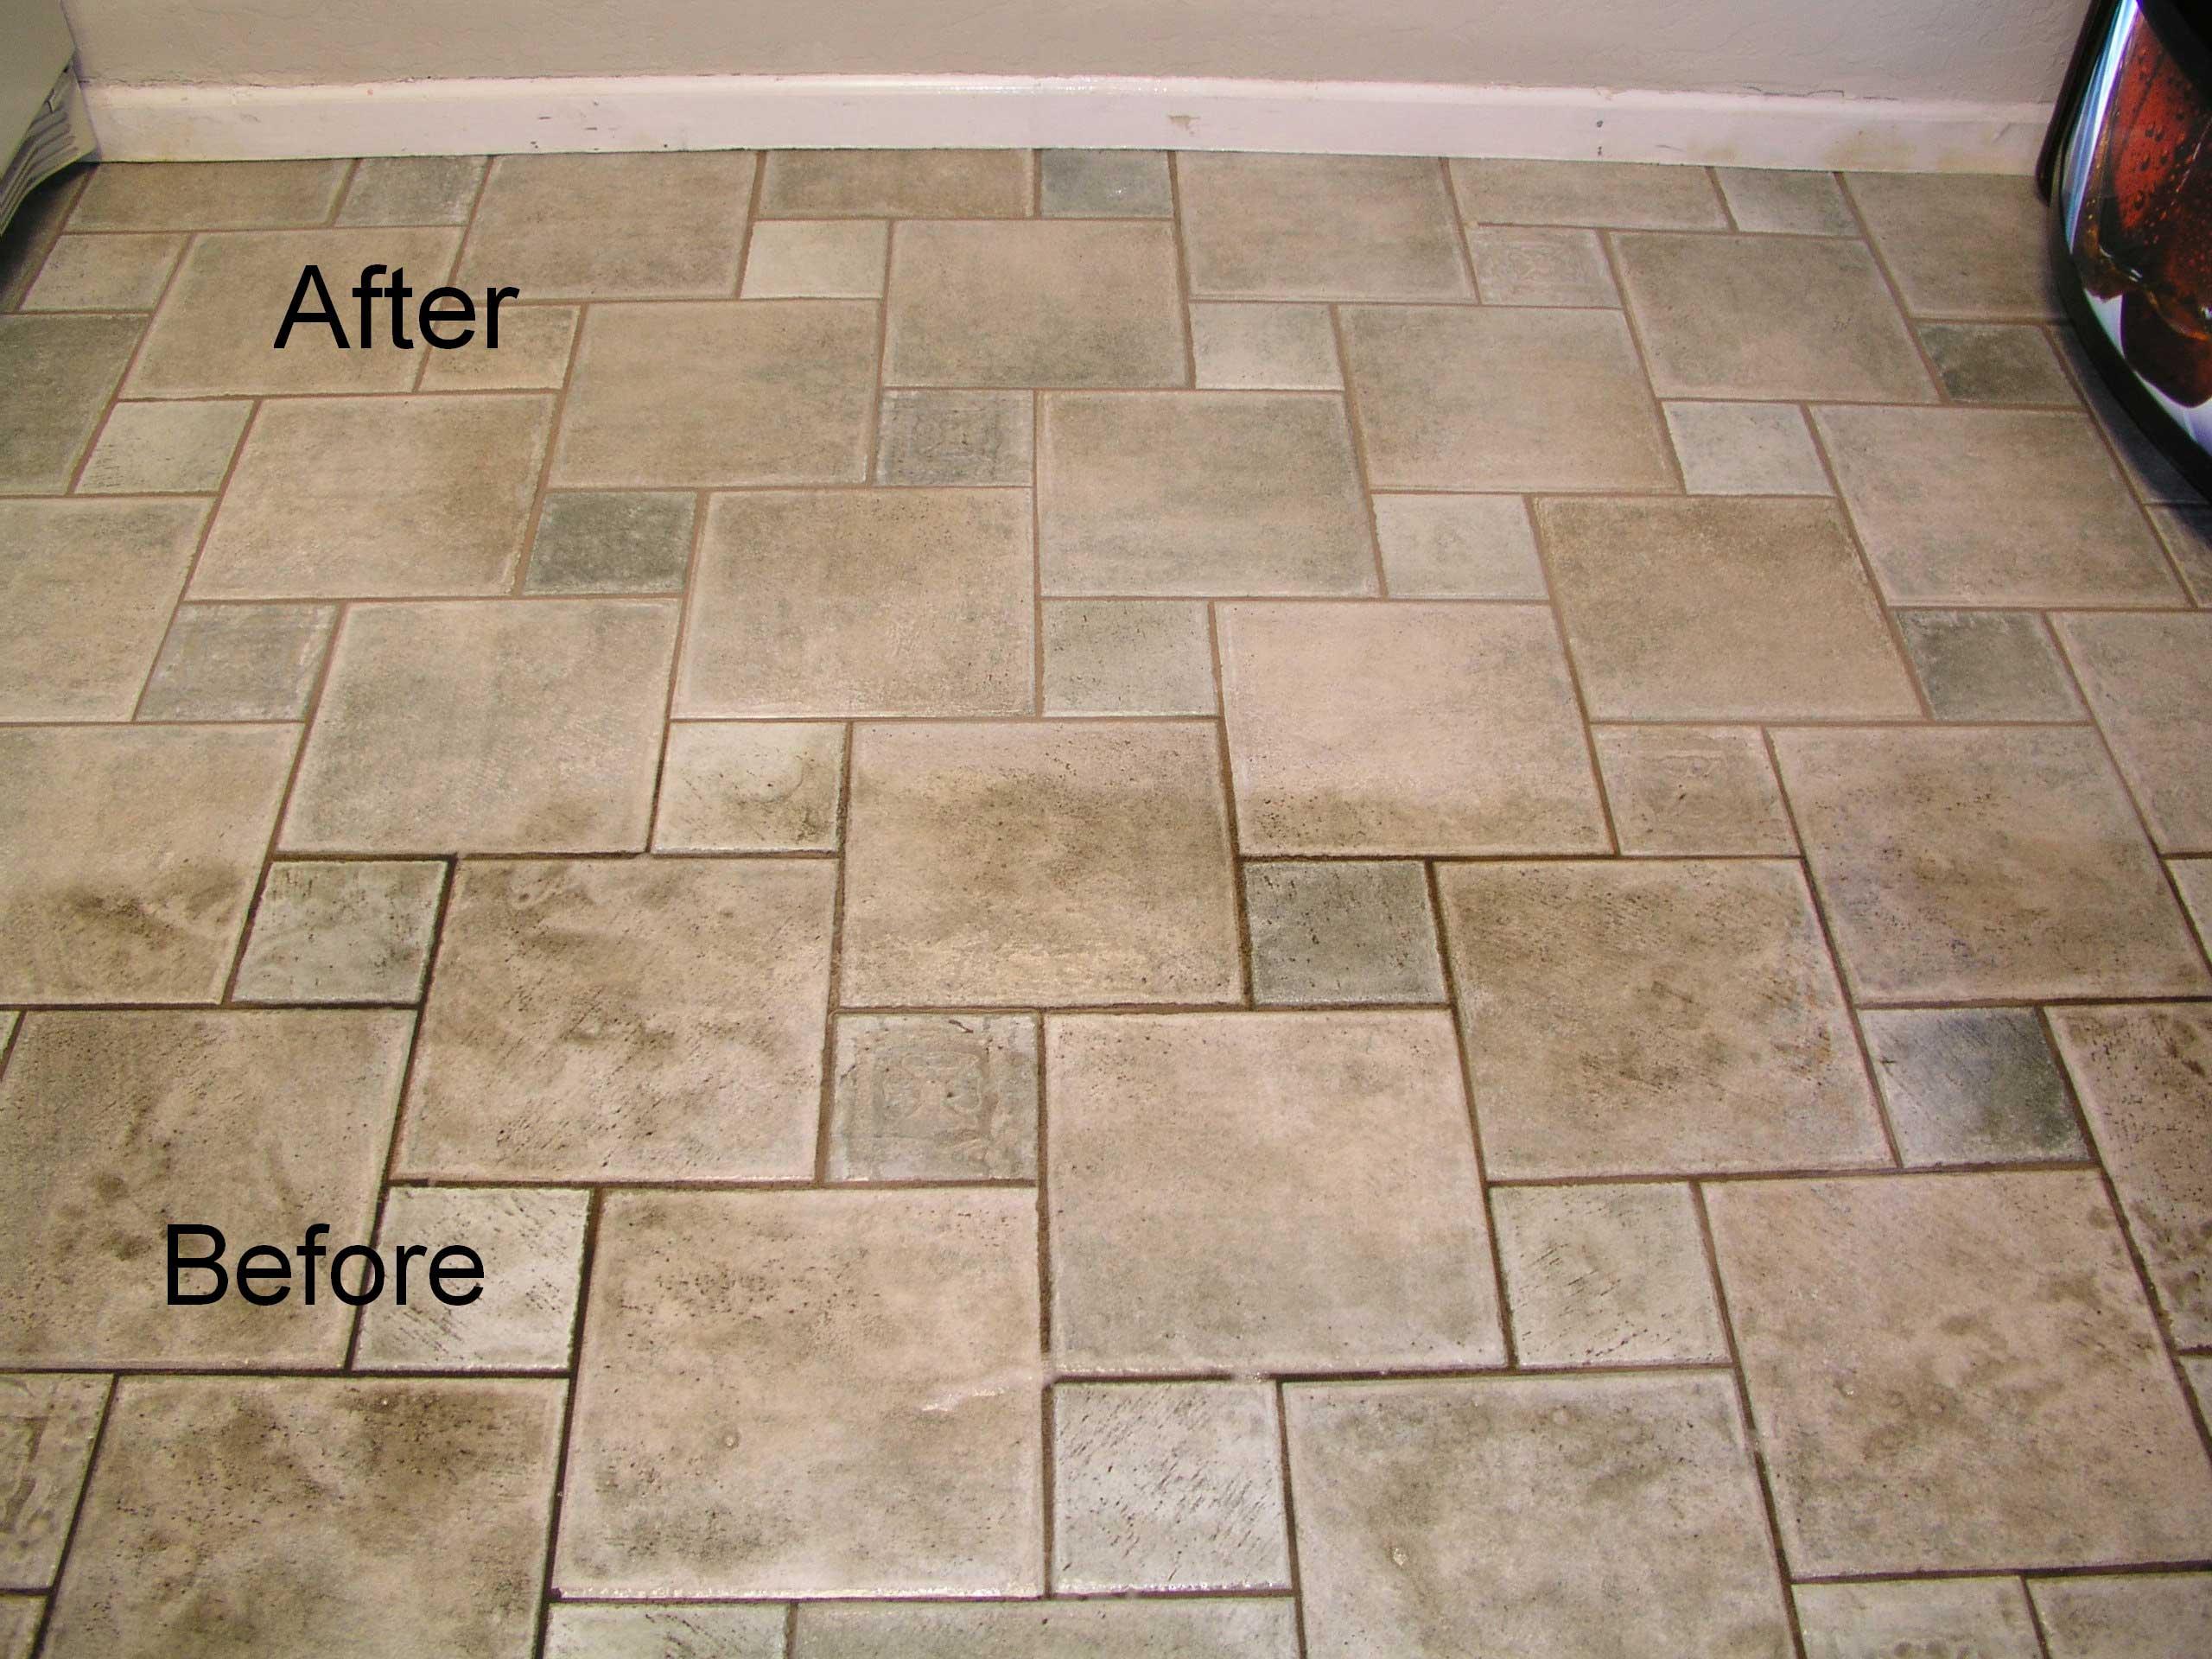 Porous Tiles Cleaning Tile Design Ideas